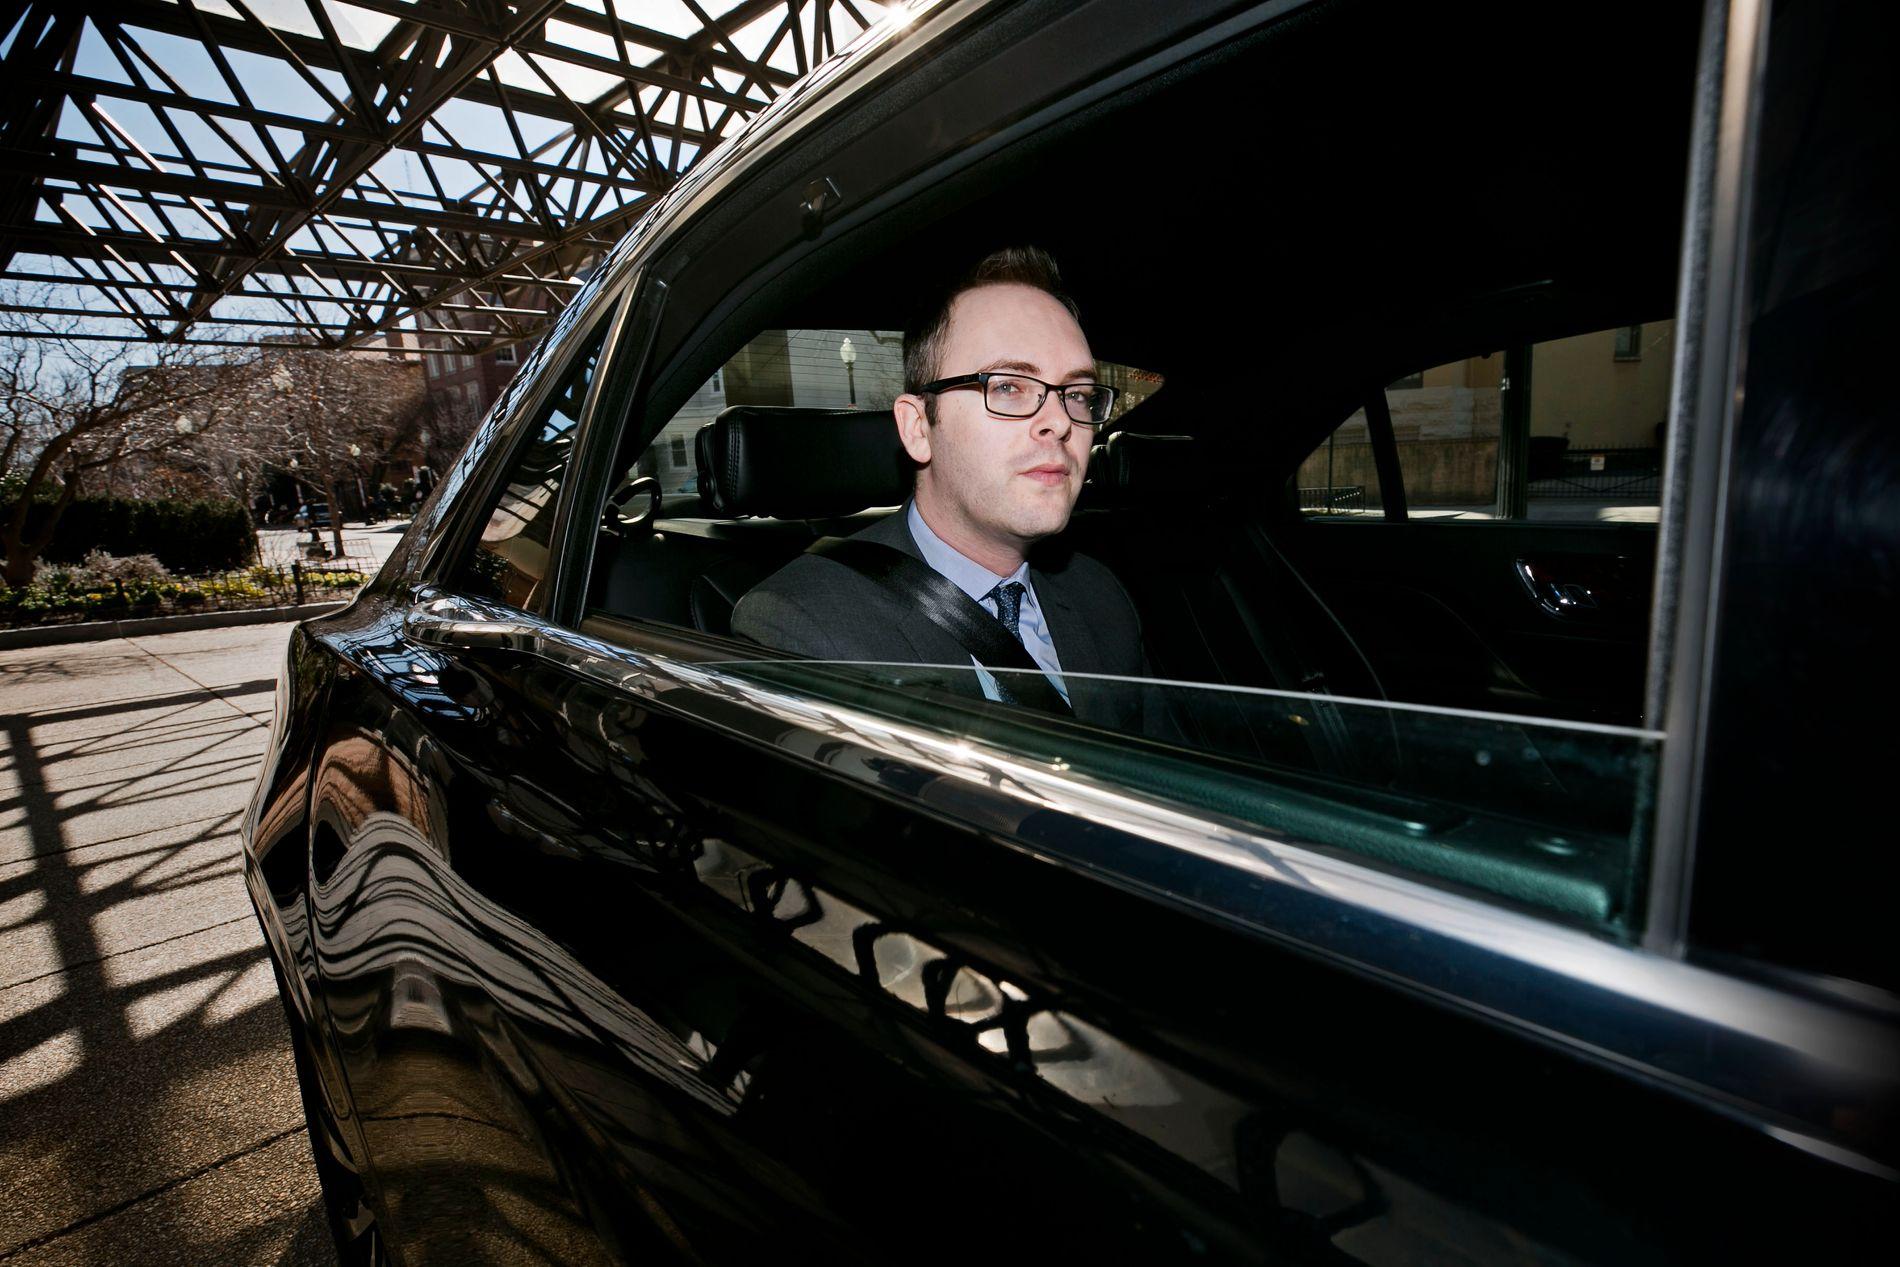 FÅR EGEN SJÅFØR: Daniel Dale hentes i bil utenfor boligen sin i Washington D.C. og kjøres til et TV-studio hvor han skal snakke om løgnene til USAs president.